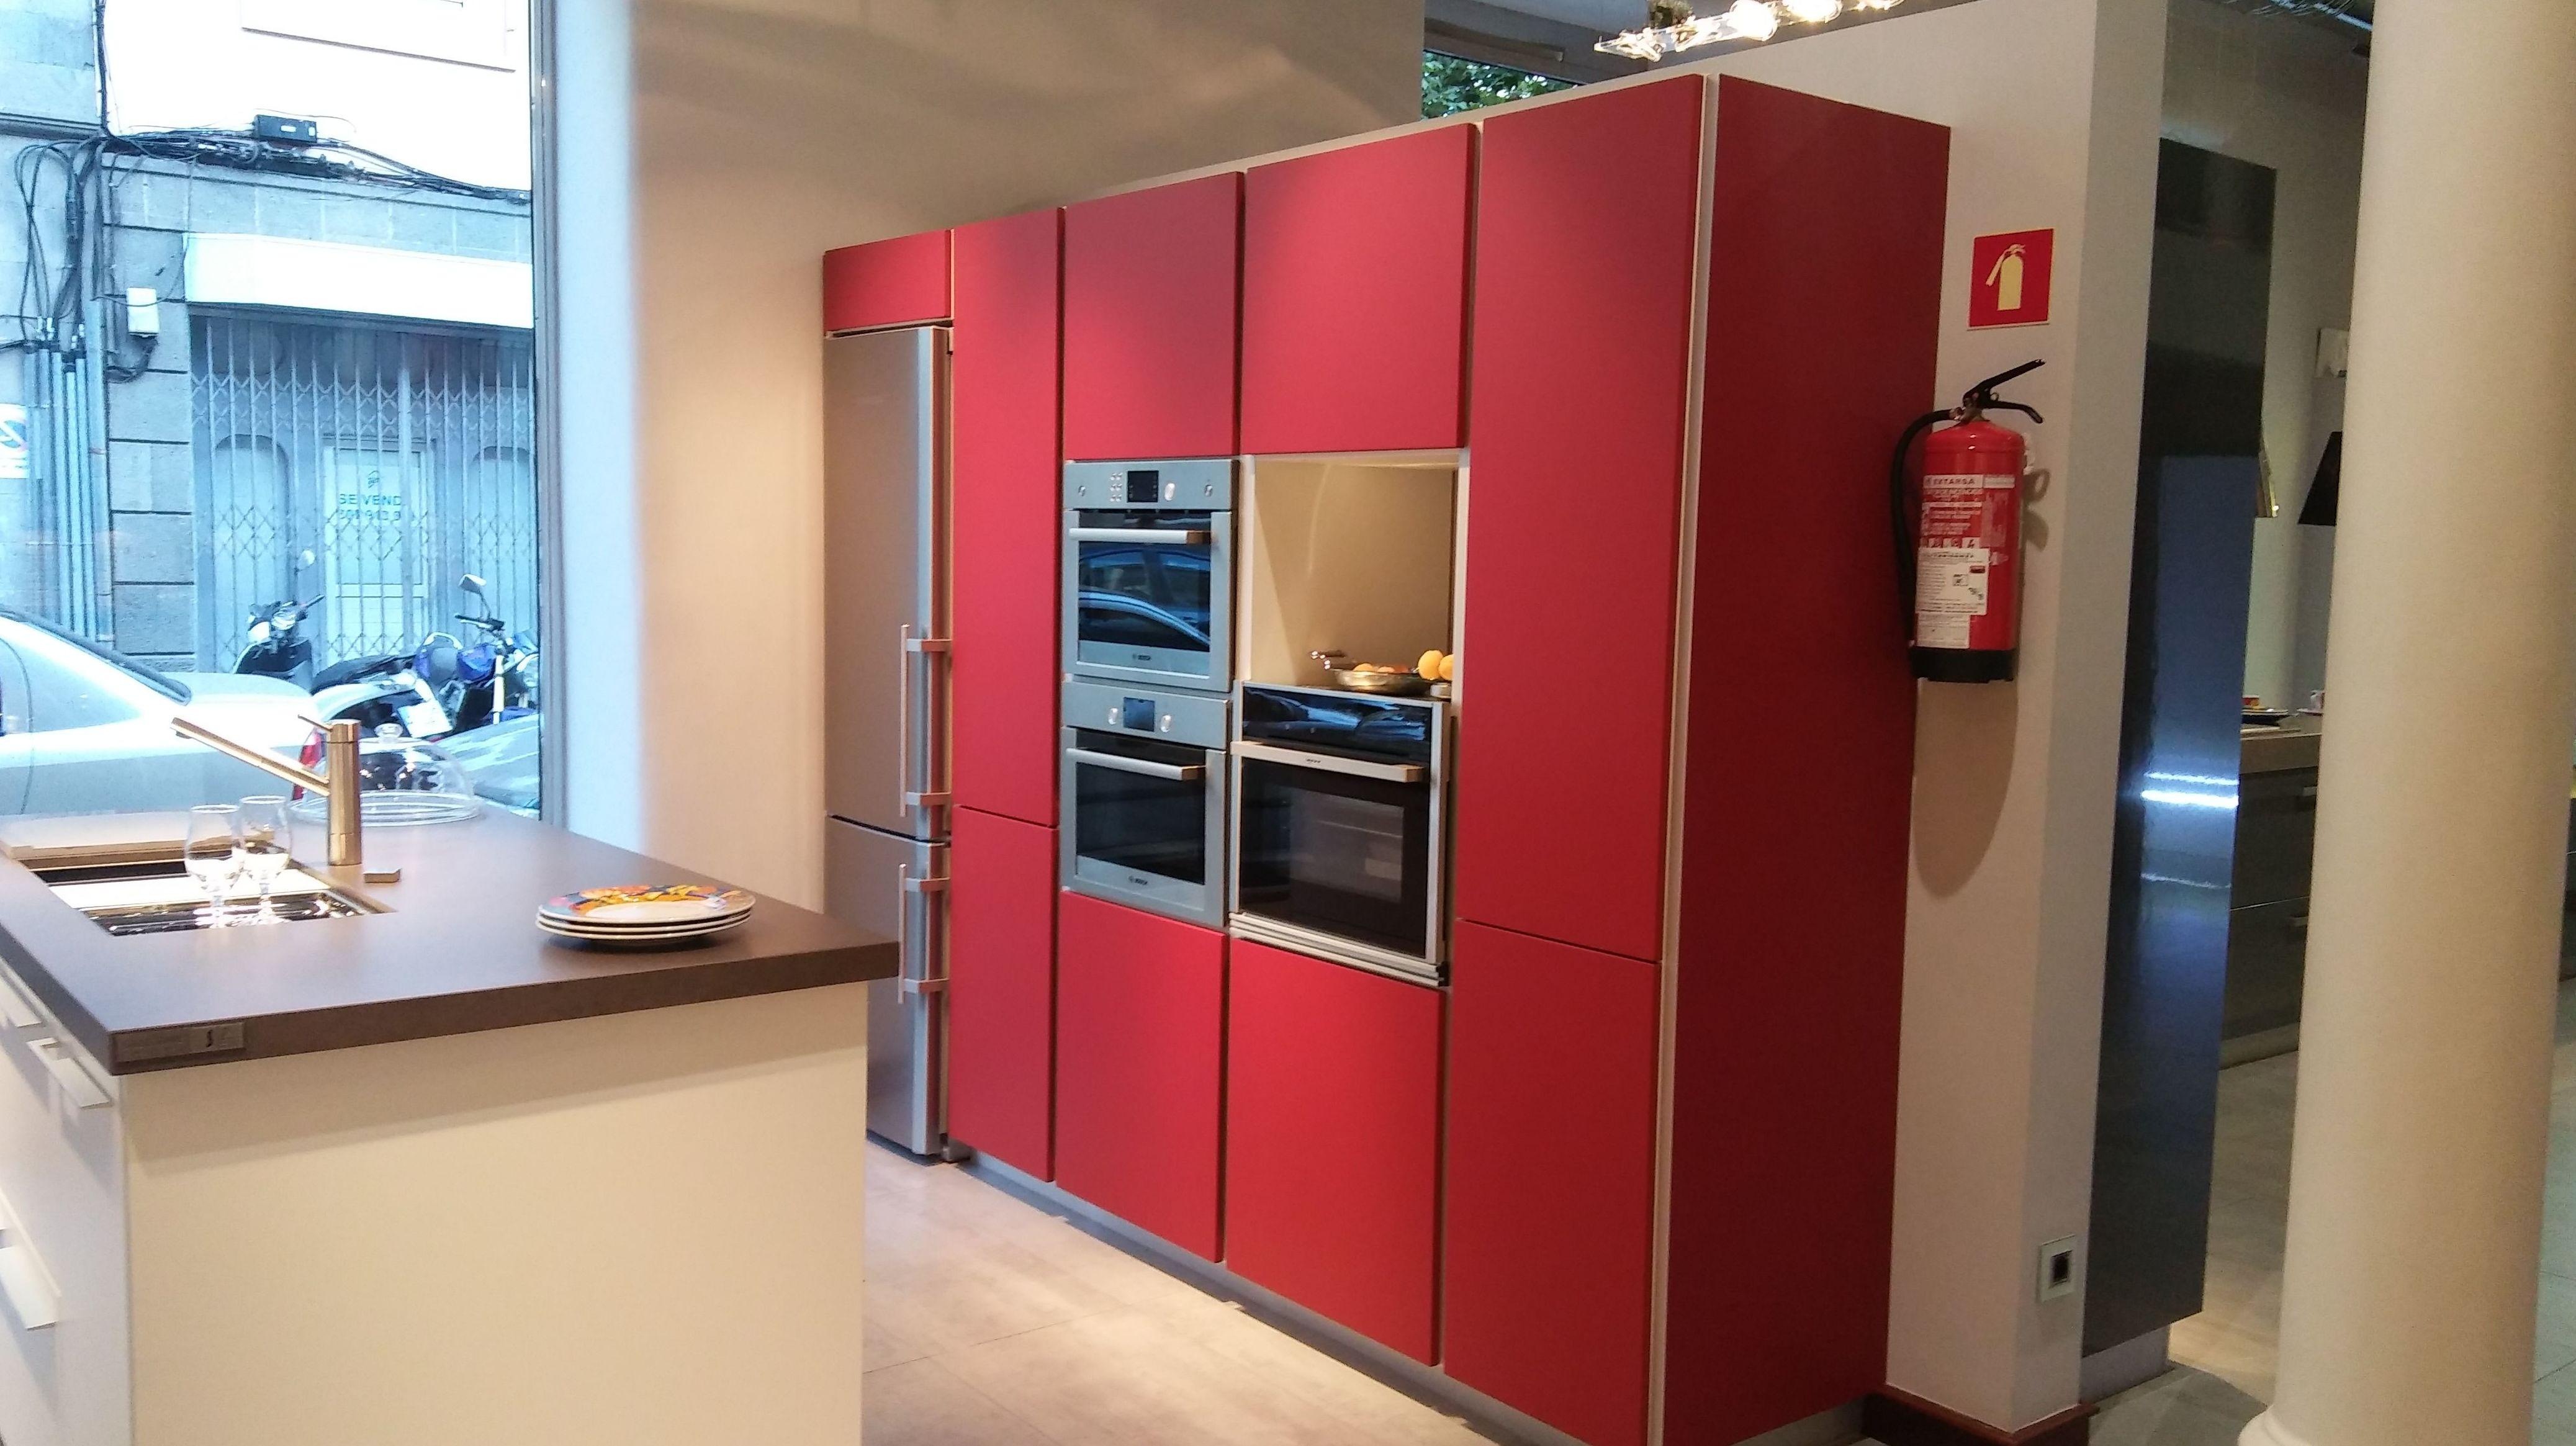 Foto 5 de Muebles de cocina en Las Palmas de Gran Canaria | LA CHIMENEA